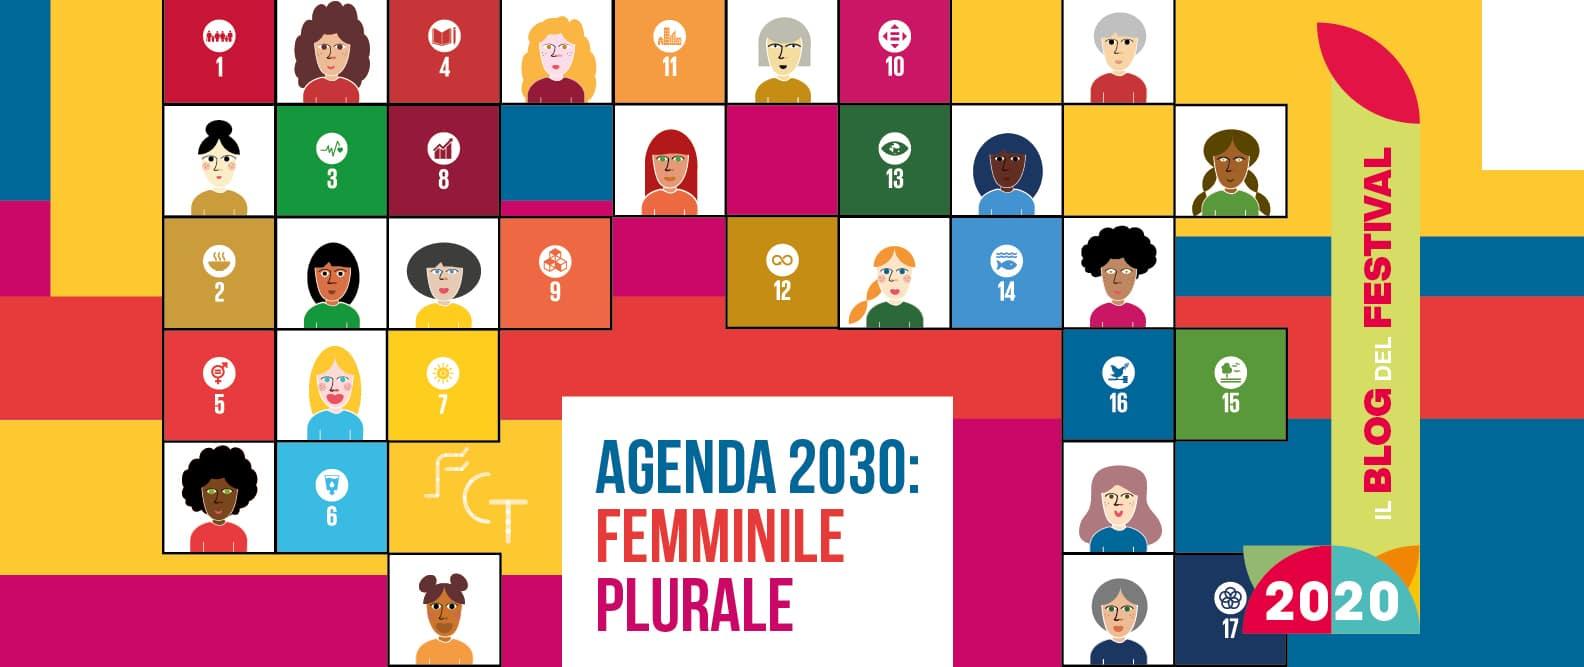 """""""Agenda 2030: femminile plurale"""", guarda il video dell'evento"""